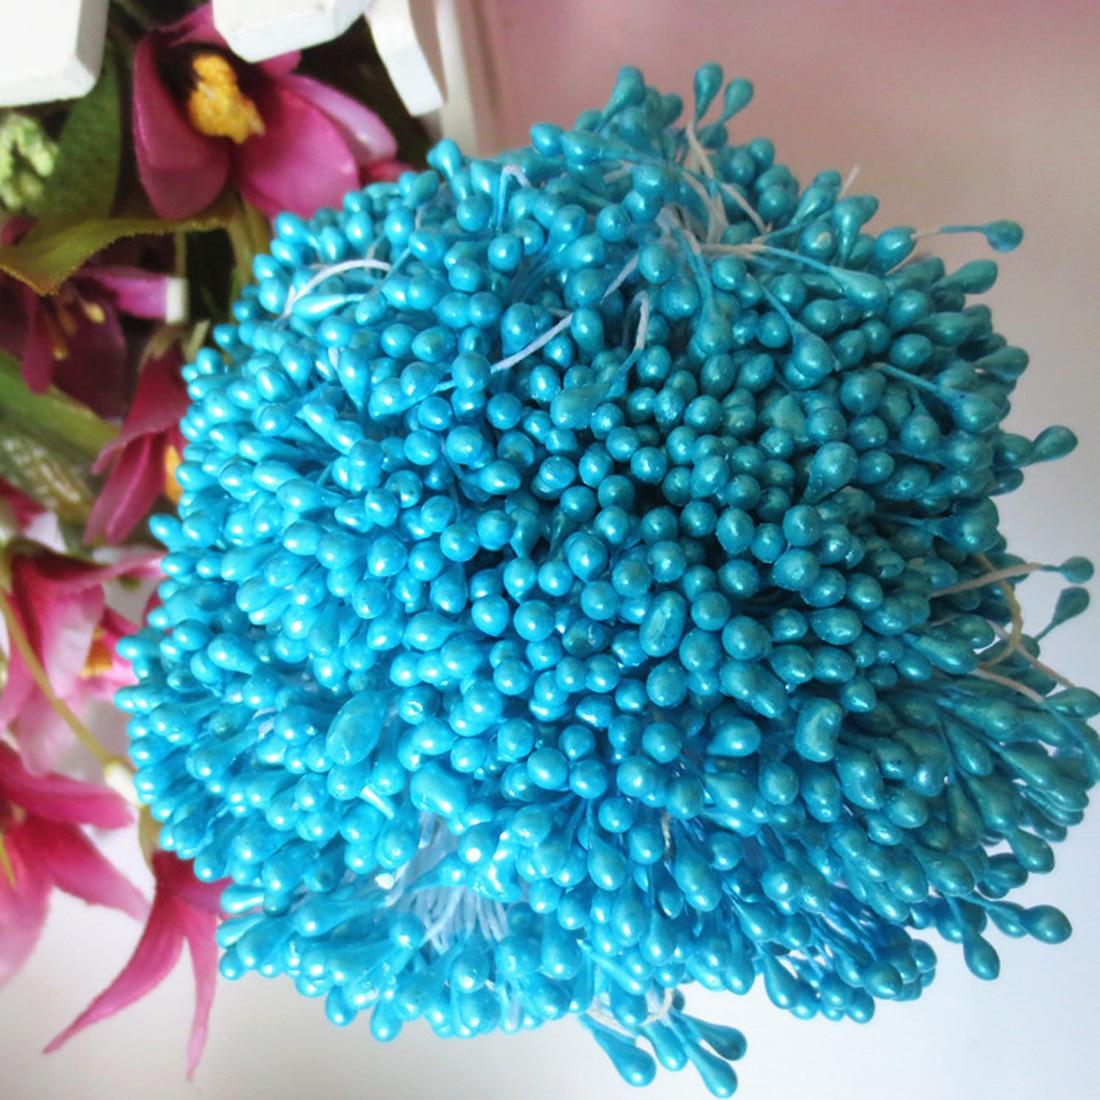 1 Комплект = 150 шт. искусственный цветок двойной головок тычинки перламутровые Craft карточек торты цветочный Декор для дома Свадебная вечеринка Декор